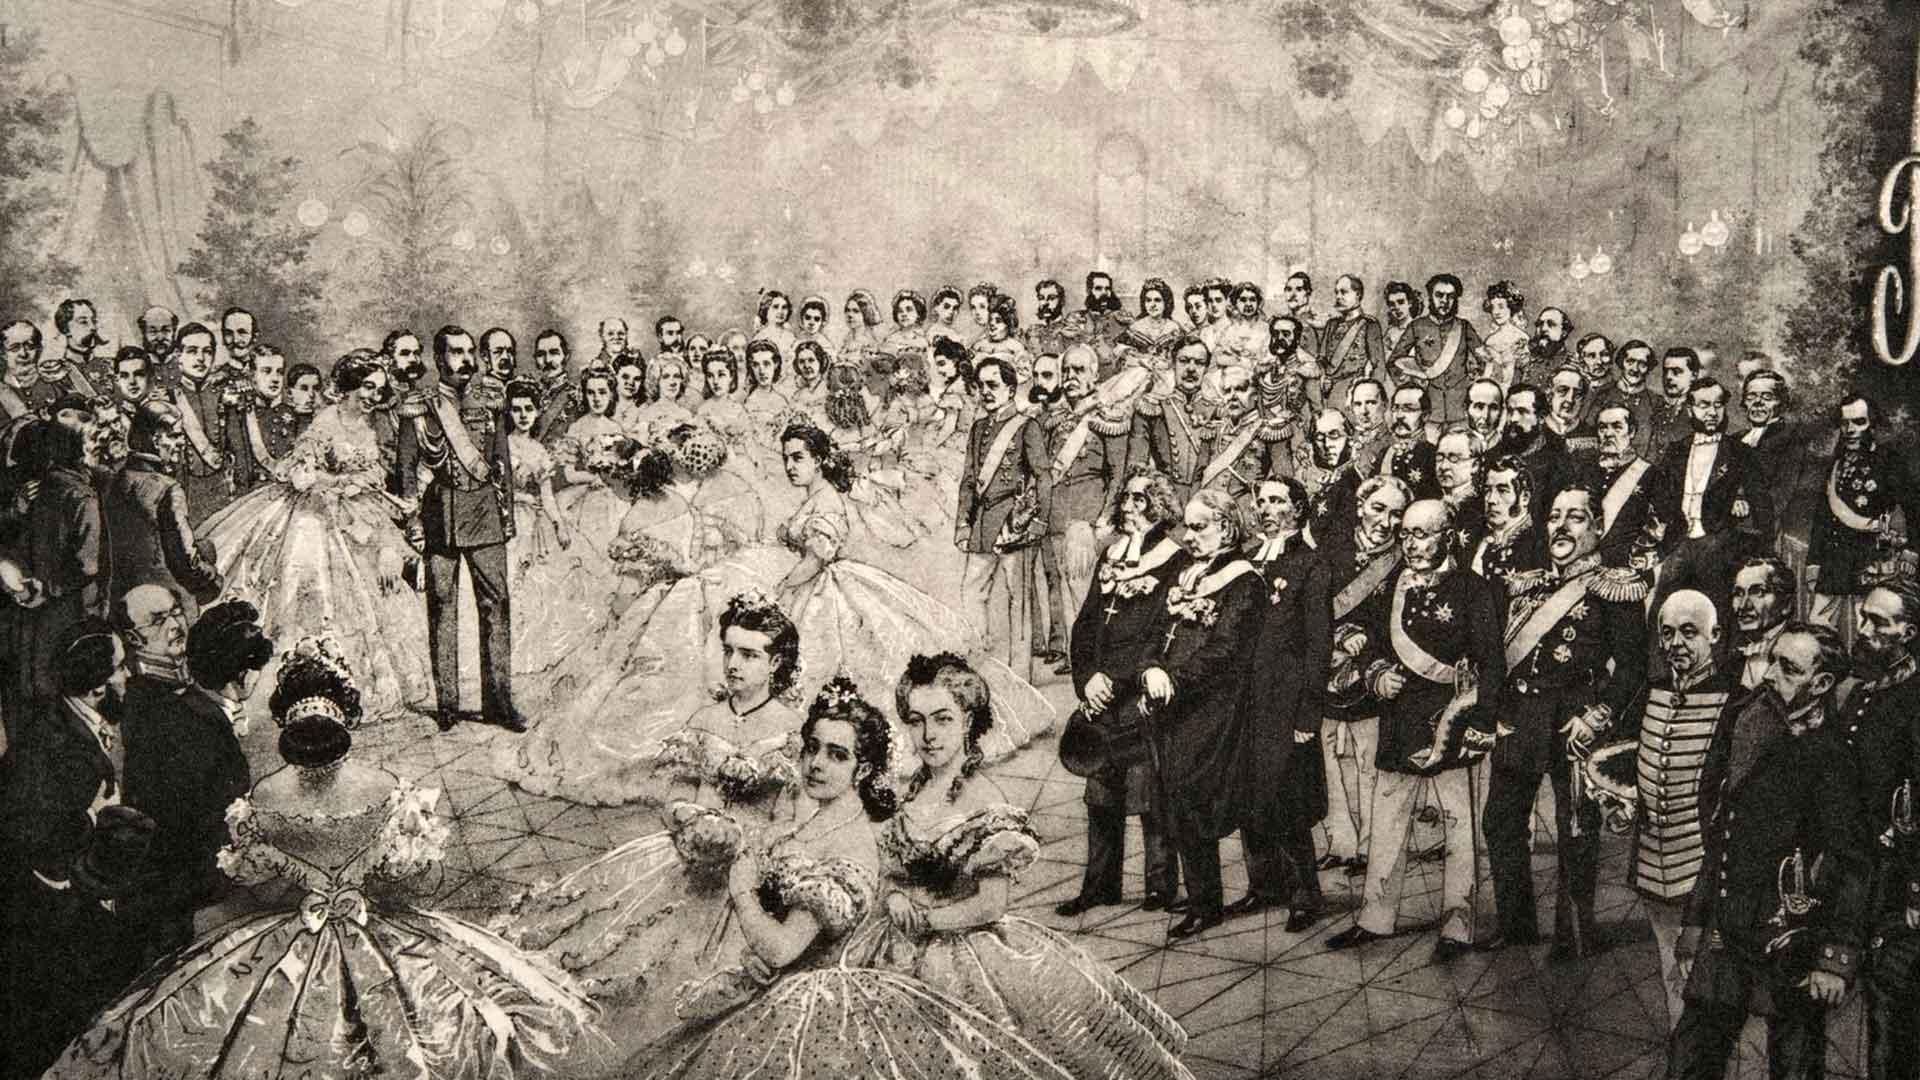 Kun Aleksanteri II oli vuosikymmenten odotuksen jälkeen avannut Suomen valtiopäivät, Helsingin asemarakennuksessa järjestettiin tanssiaiset. Niissä Marie Linder järkytti maan eliittiä pyytämällä keisarilta uskonnonvapautta Venäjälle. Hän olisi halunnut kääntyä ortodoksista luterilaiseksi, mutta laki ei sallinut sitä. Marie Linder on kuvan etualan naisista oikeanpuolimmaisin, hänen tätinsä Aurora Karamzin on piirretty taustalle. Toivomus toteutui vasta vuosikymmenten päästä.